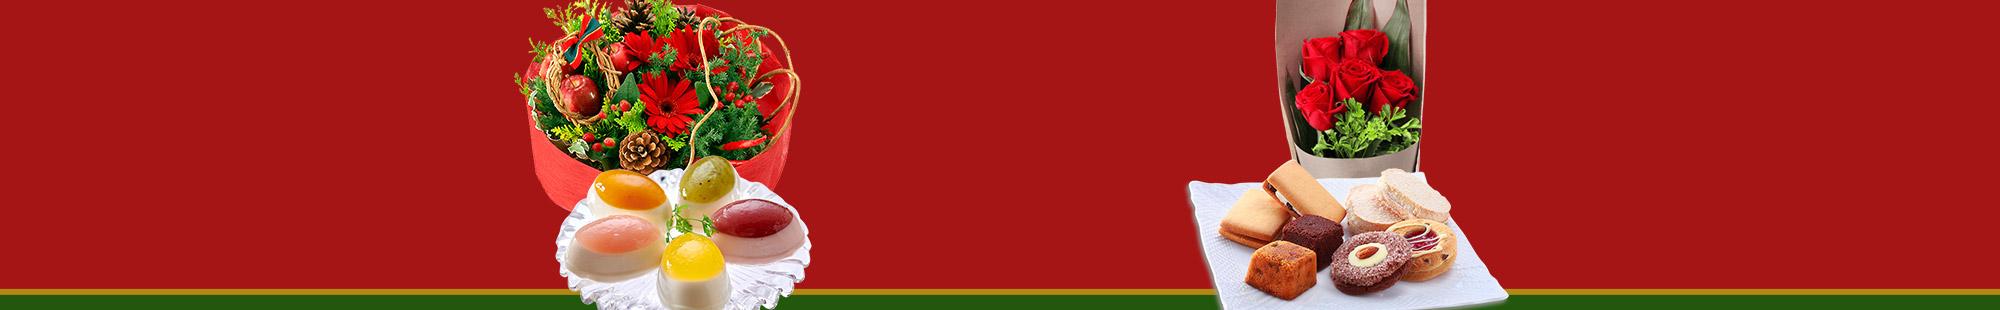 花キューピットのクリスマス お花とスイーツのセット特集2019